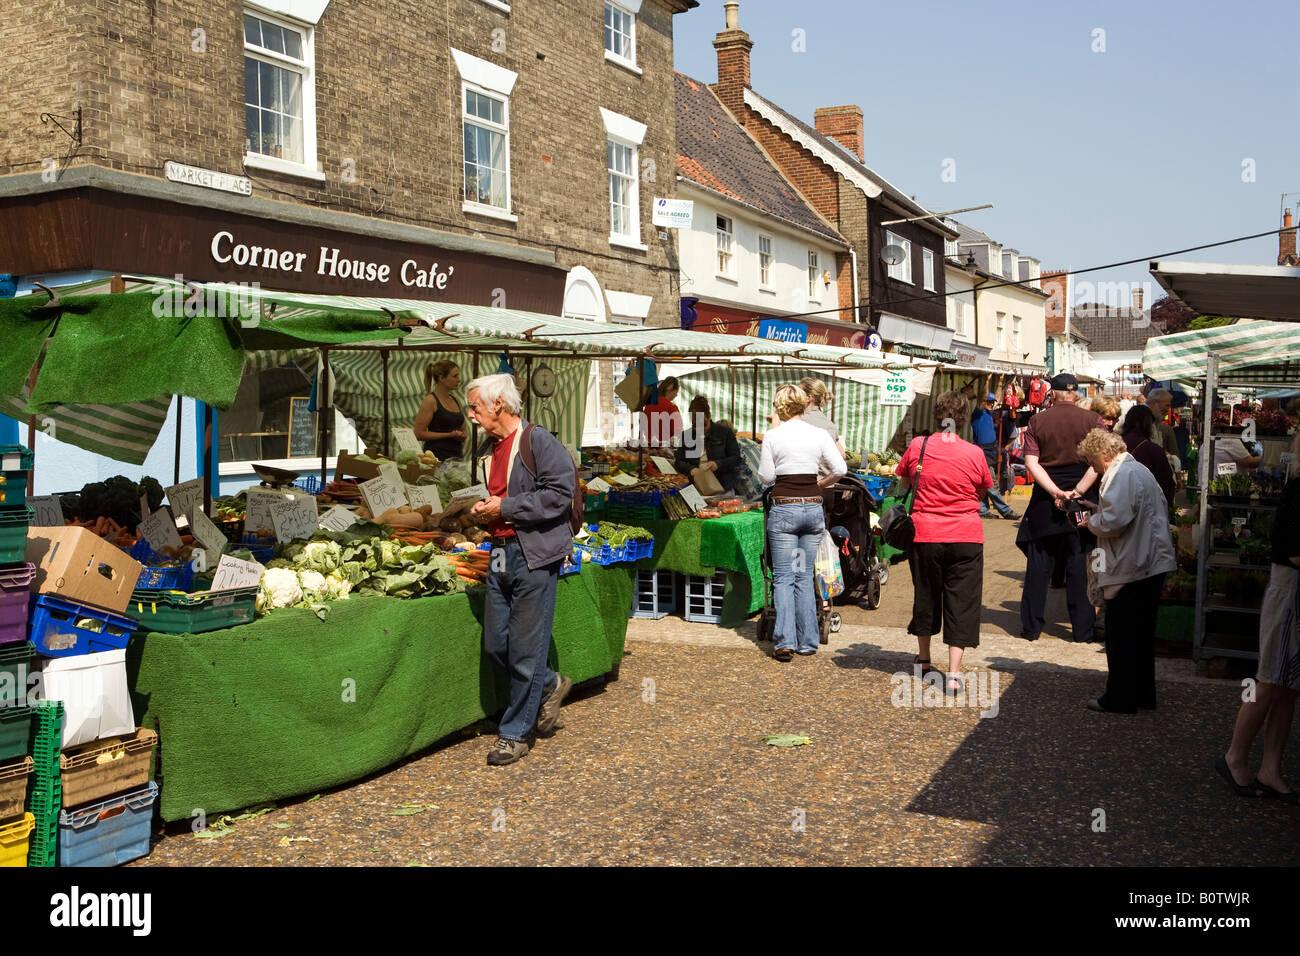 uk england suffolk saxmundham weekly market vegetable. Black Bedroom Furniture Sets. Home Design Ideas